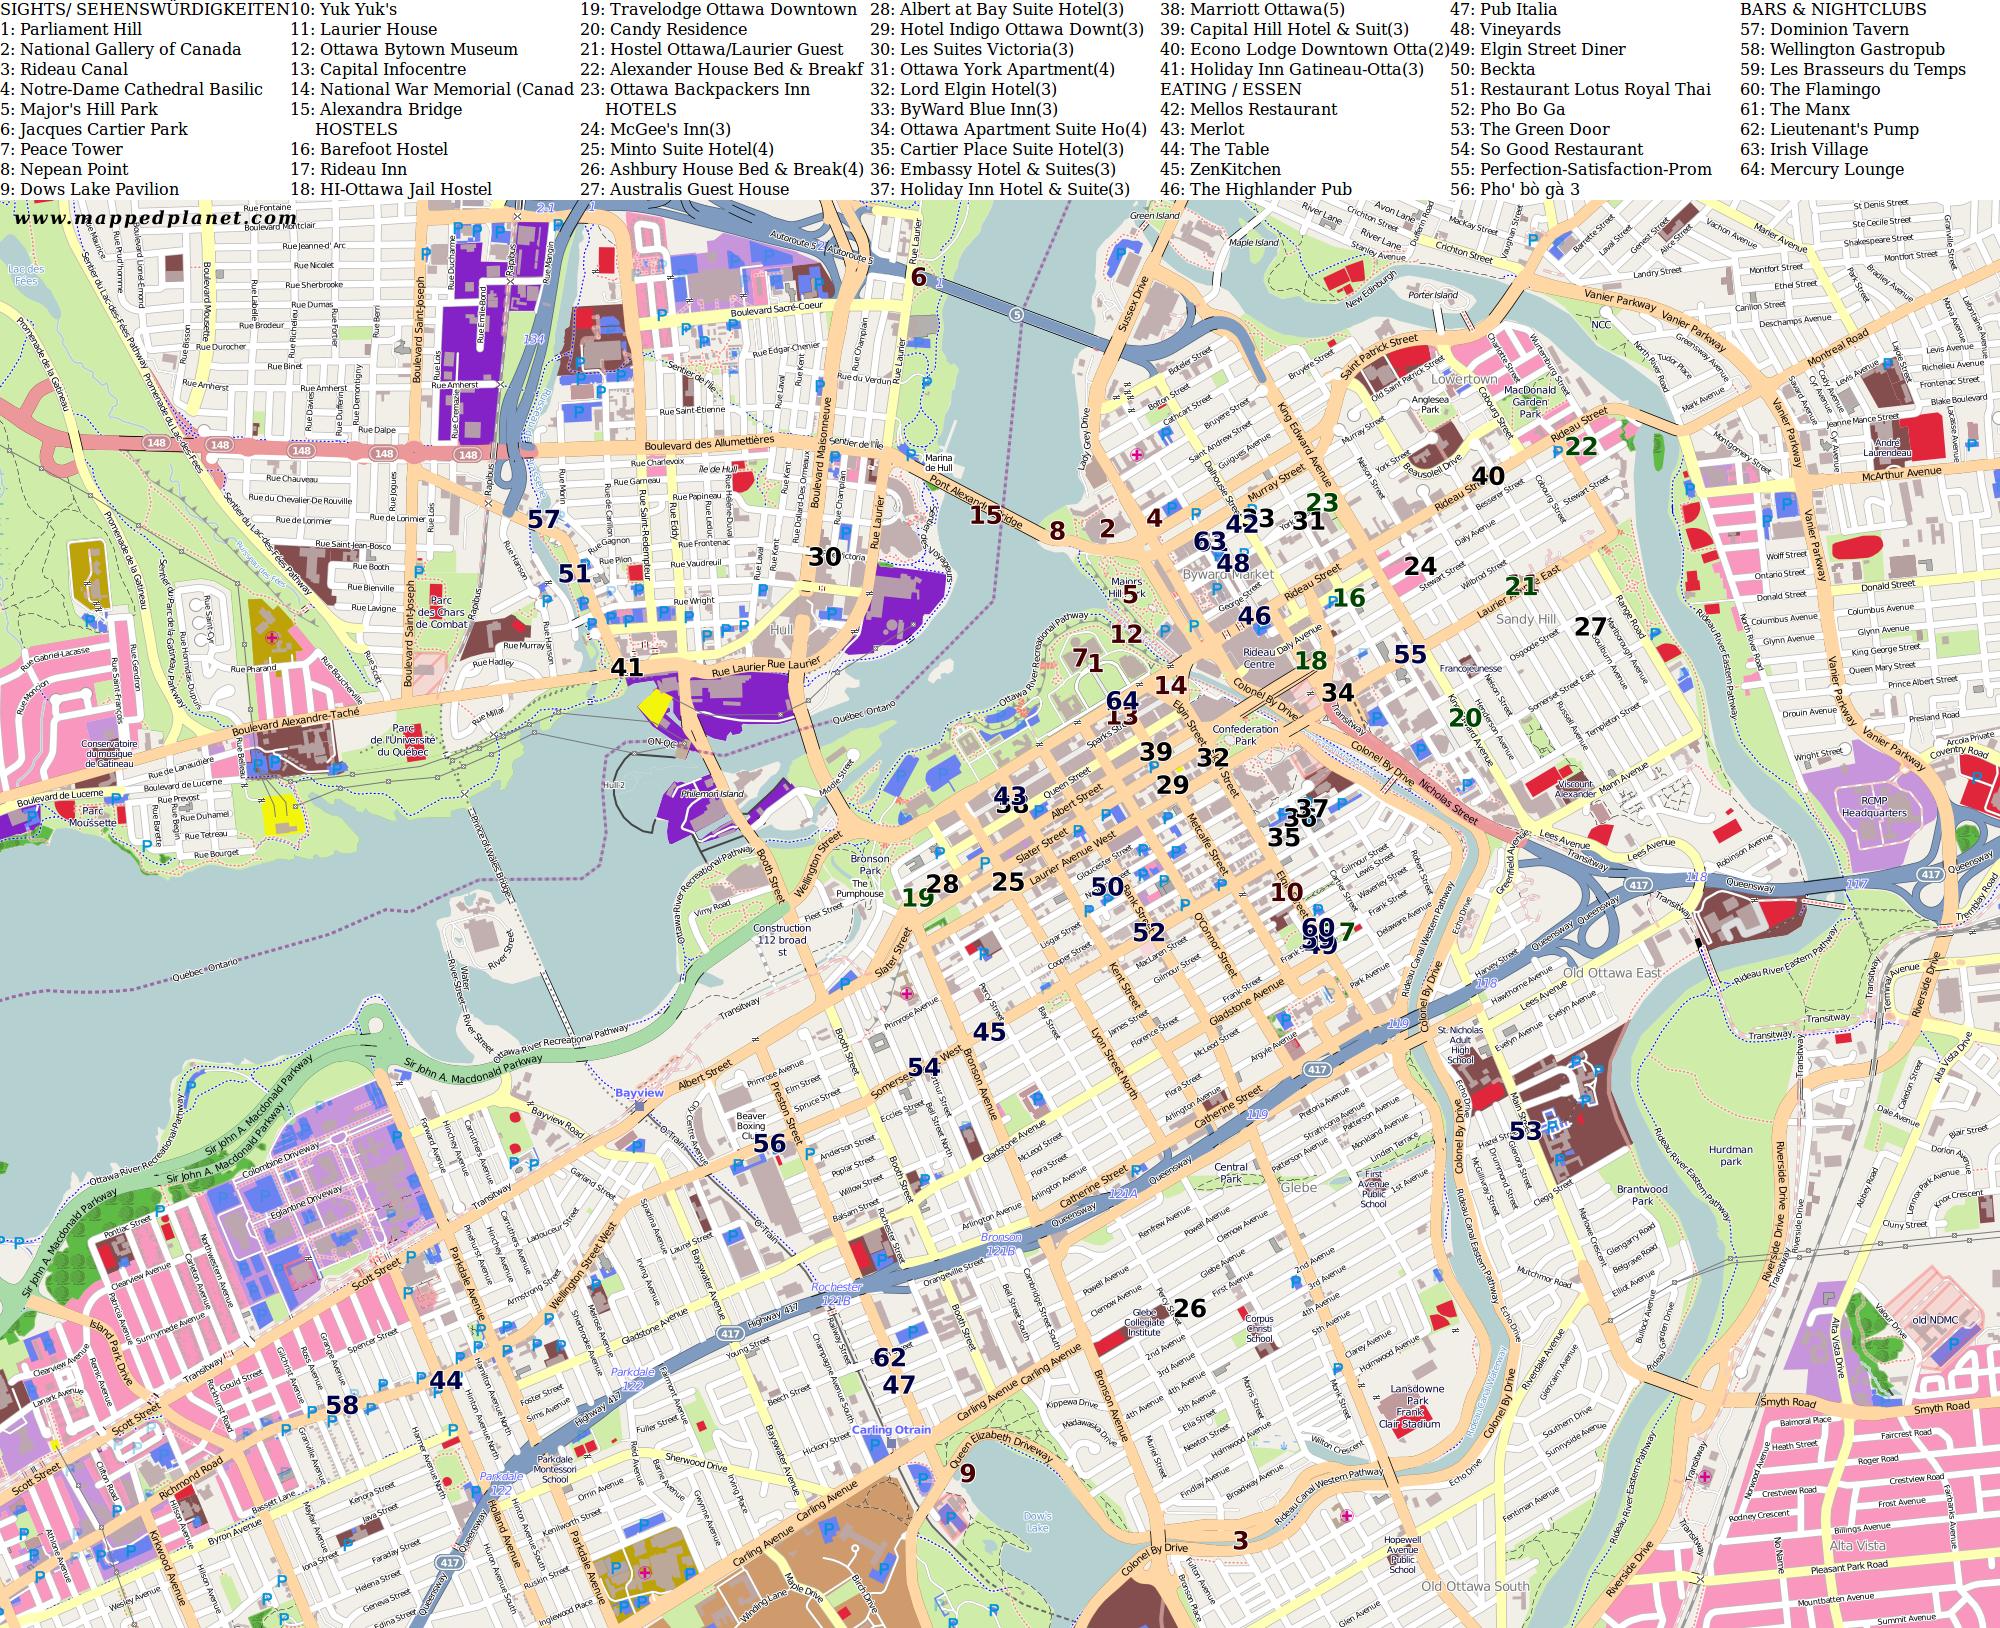 Ottawa Subway Map.Maps Of Ottawa City Maps